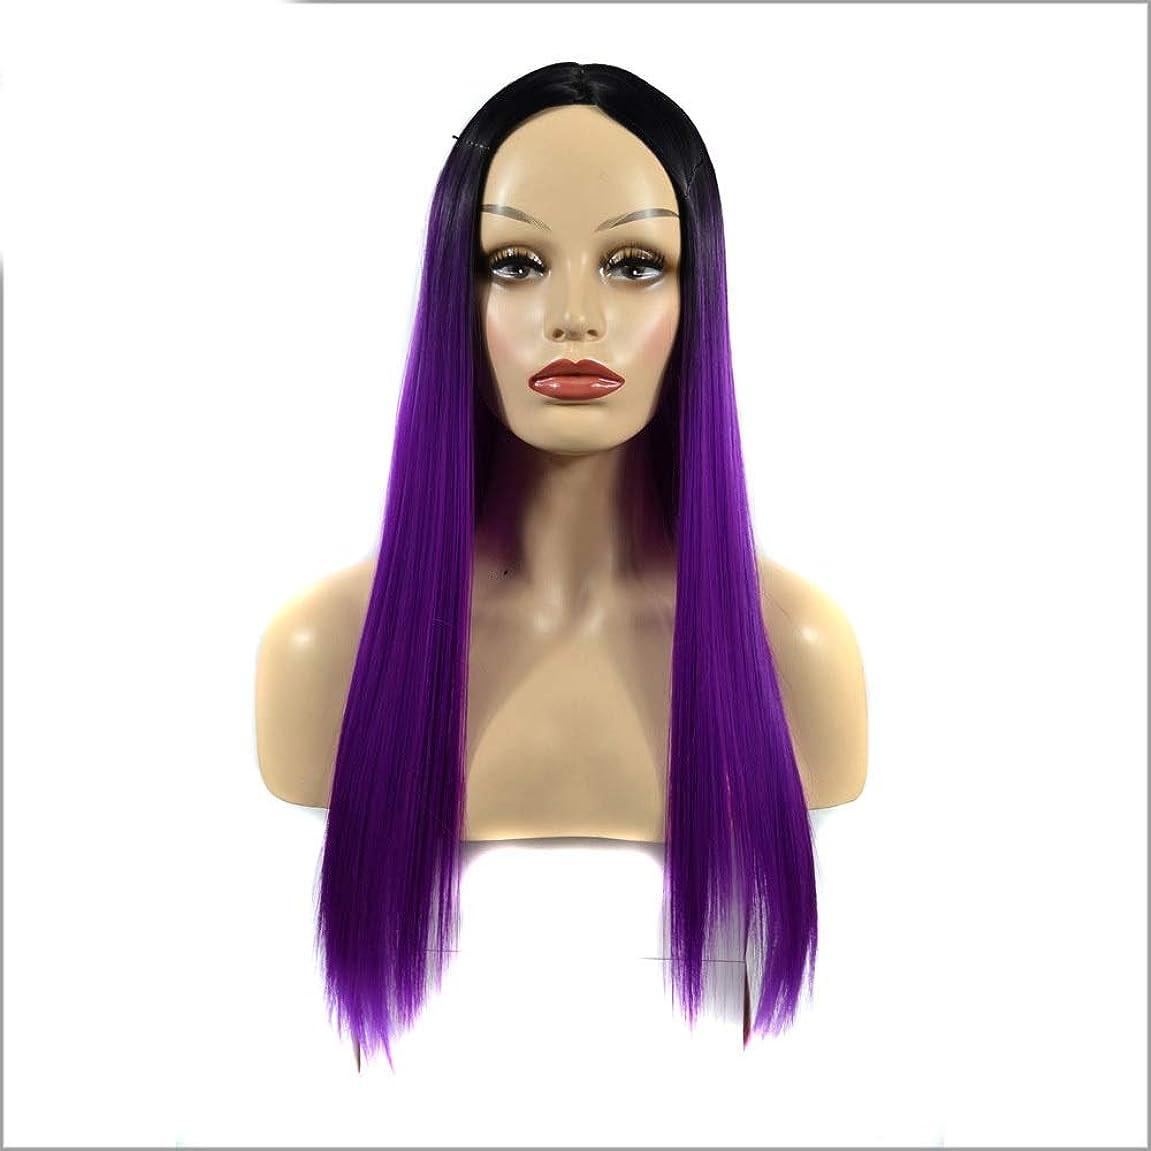 厚くするママ八百屋さんYESONEEP 女性のシルキーロングストレートパープル耐熱合成かつら前髪パーティードレスウィッグパーティーかつら (Color : Purple, サイズ : 60cm)